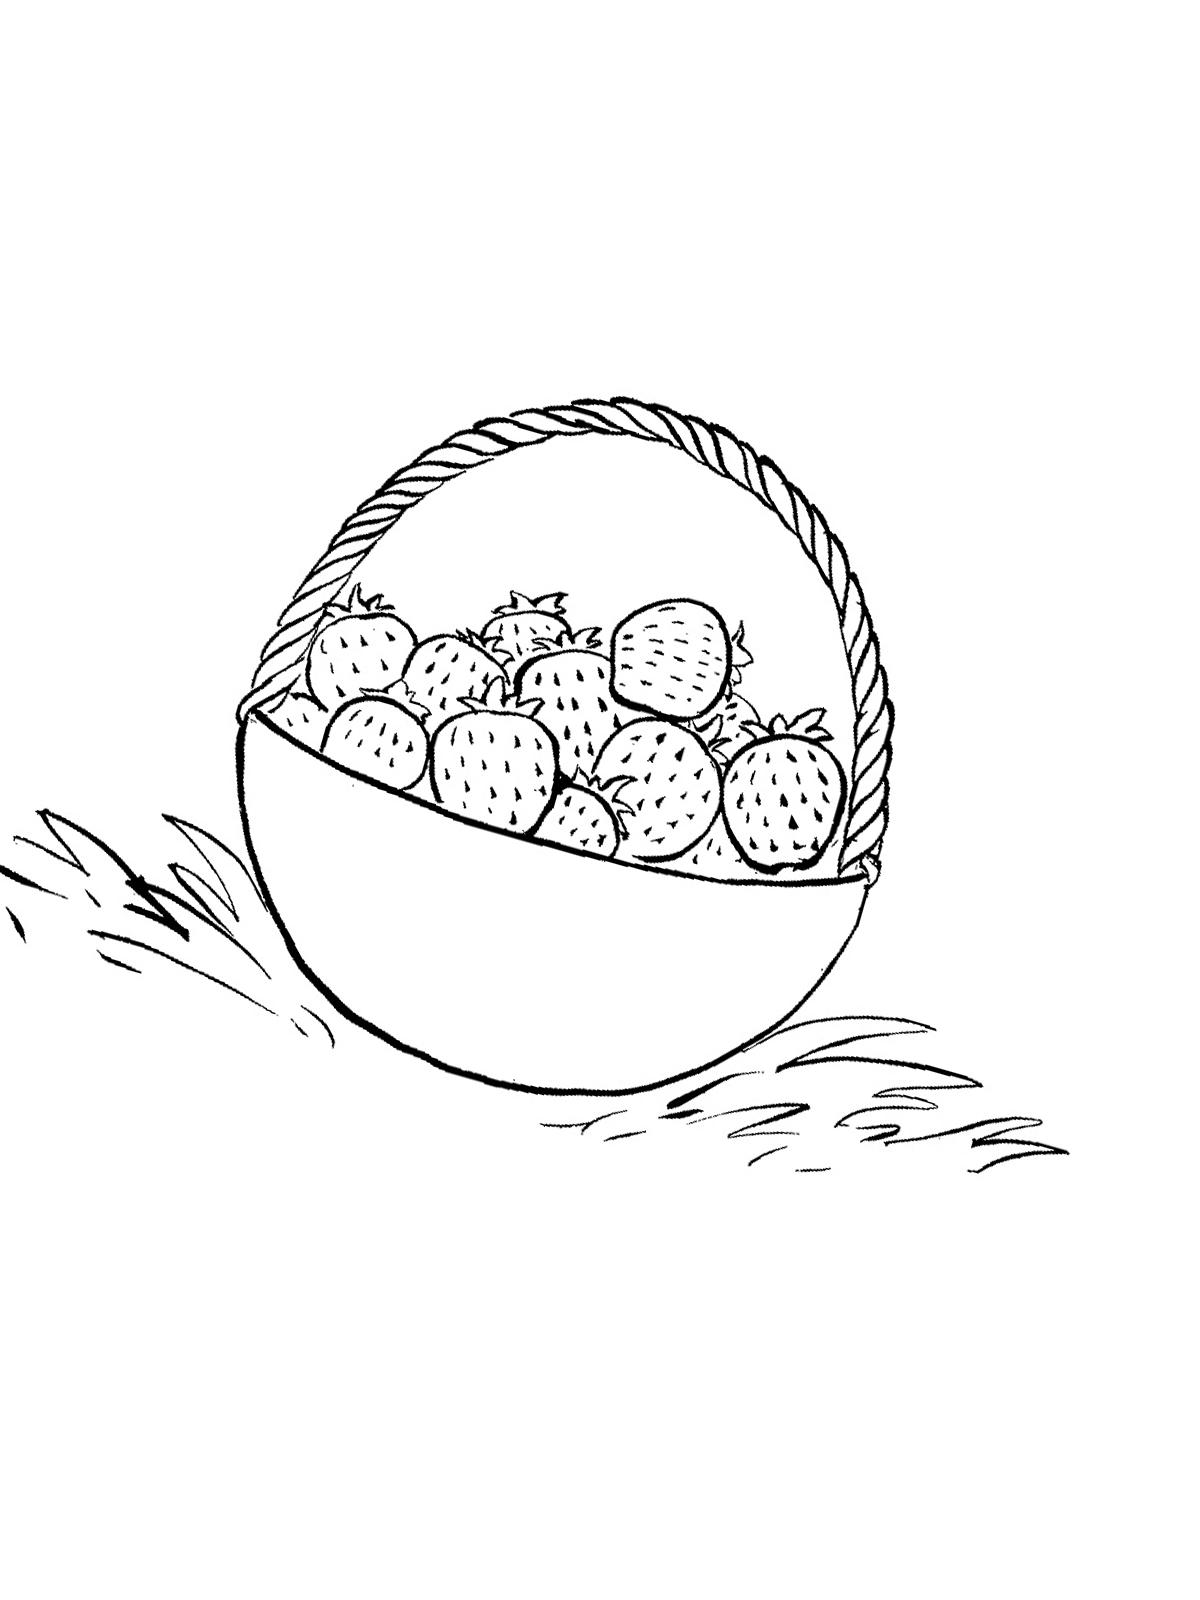 Berühmt Free Erdbeere Shortcake Malvorlagen Ideen - Malvorlagen Von ...